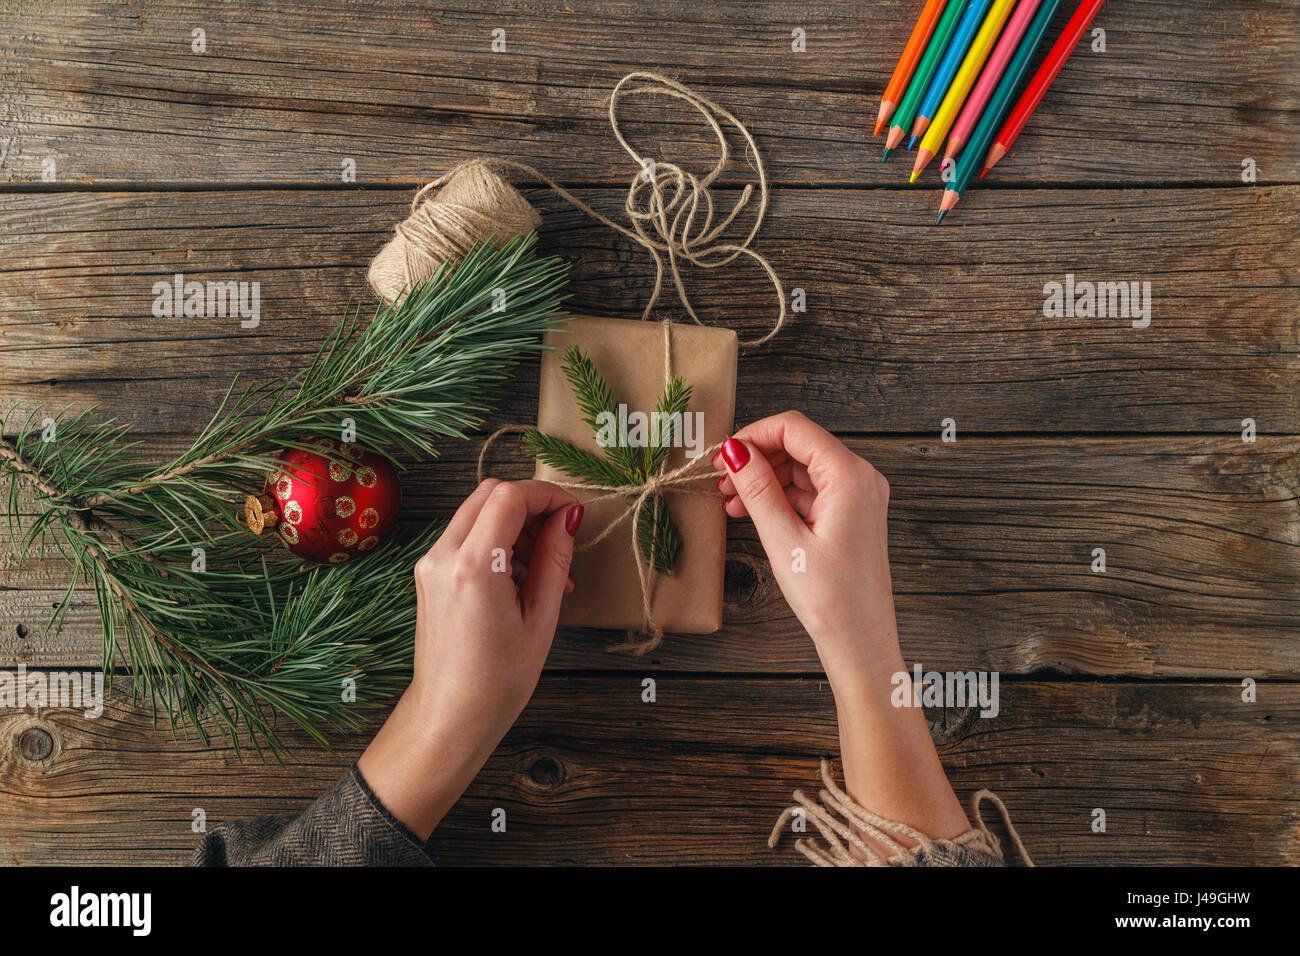 Weihnachten Hintergrund. Draufsicht der weiblichen Hände halten ...